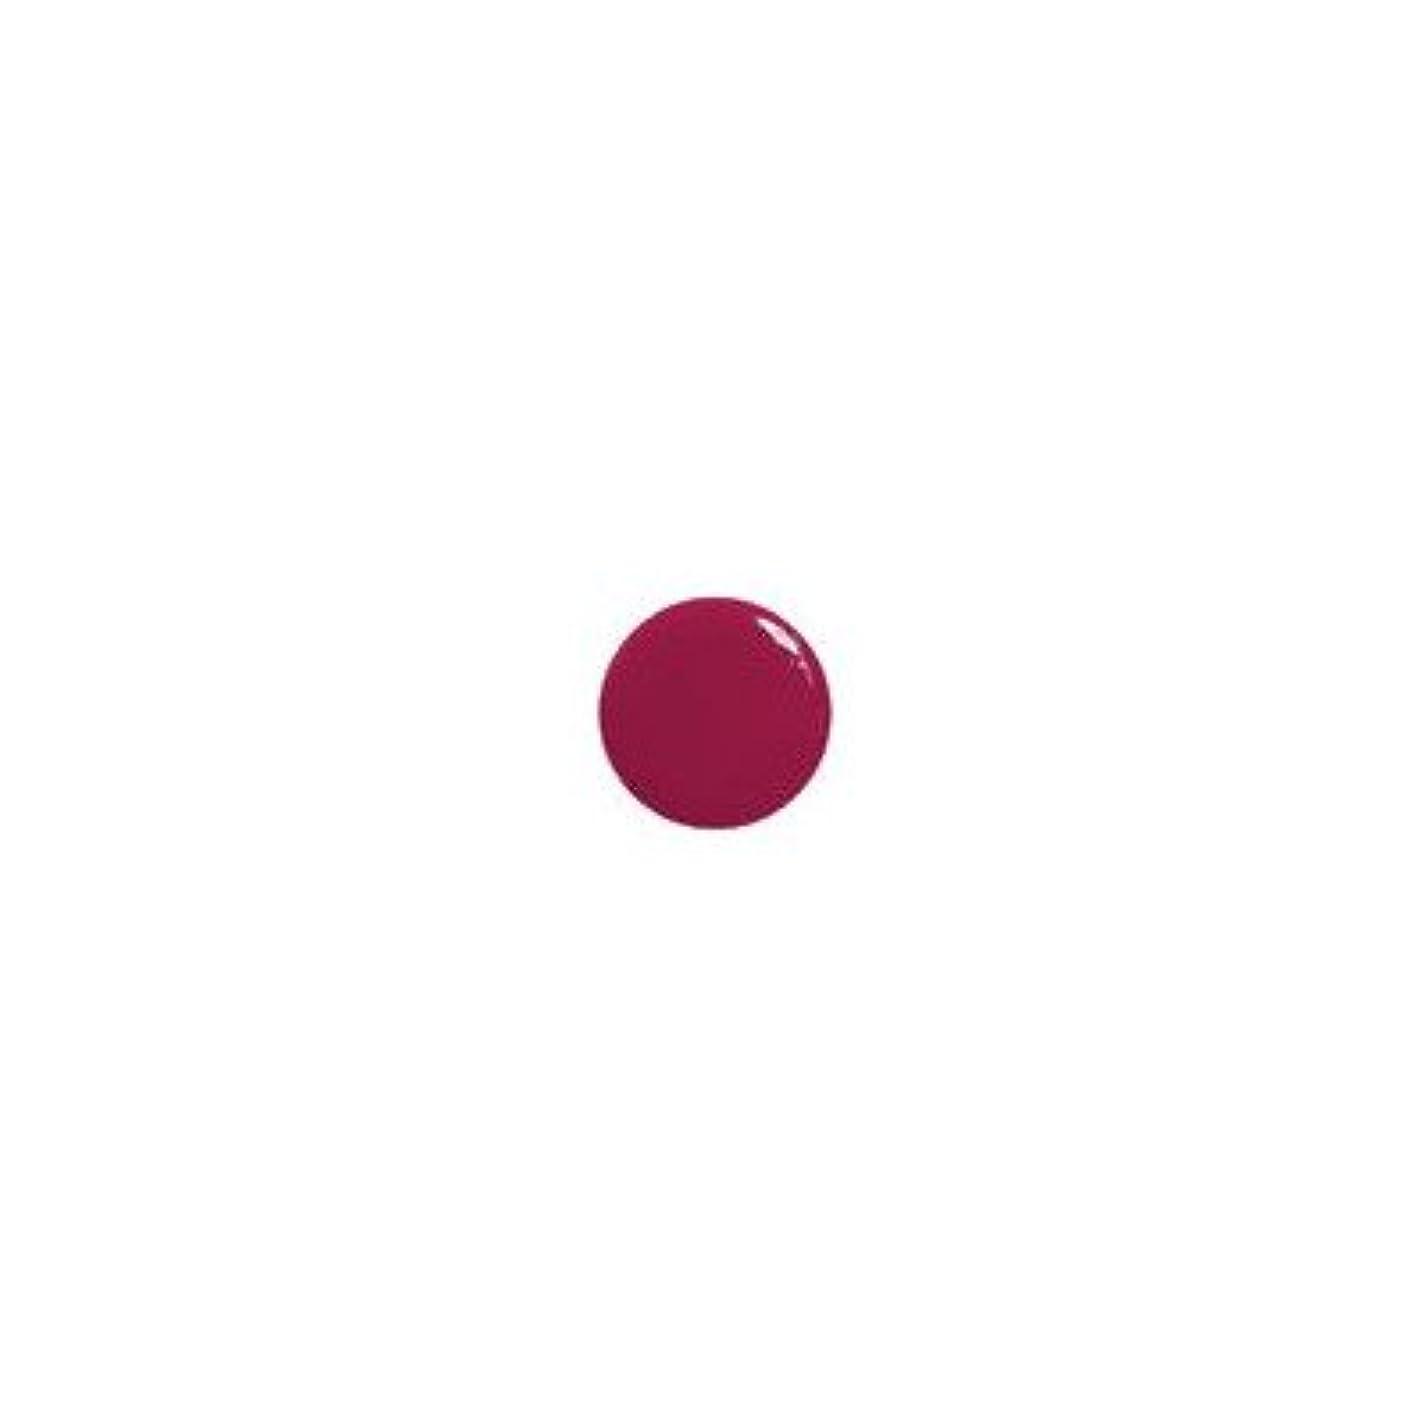 誘惑する見る人嫌がらせジェレレーション カラー485Cブラシングプリンセス